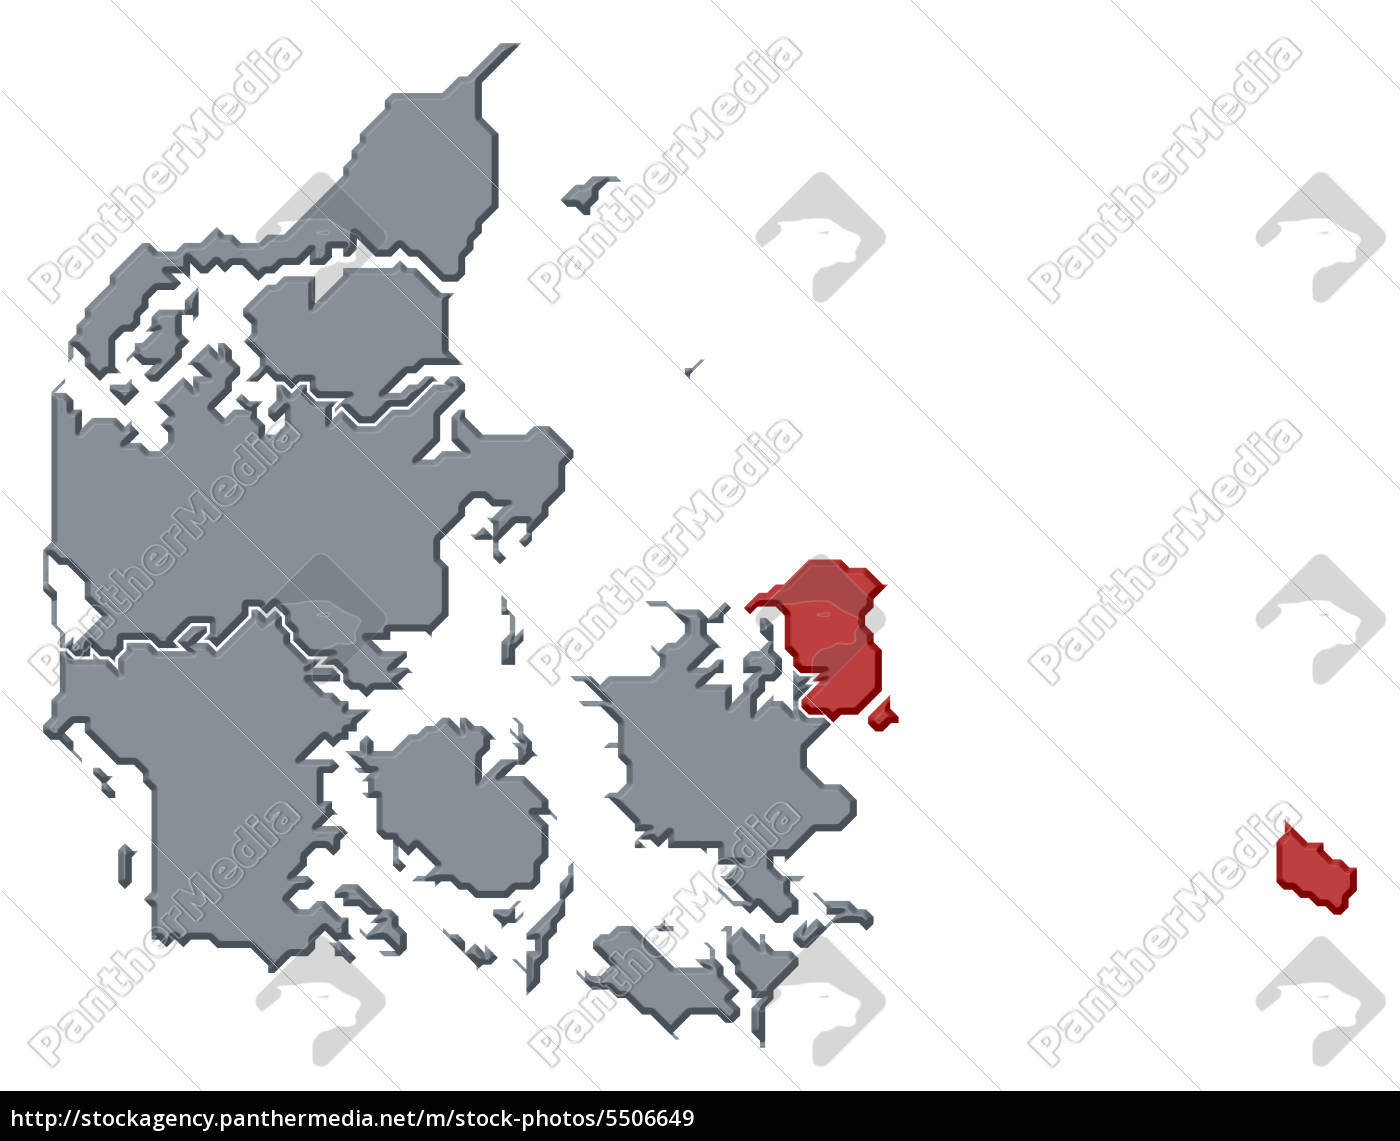 Kort Over Danmark Region Hovedstaden Fremhaevet Royalty Free